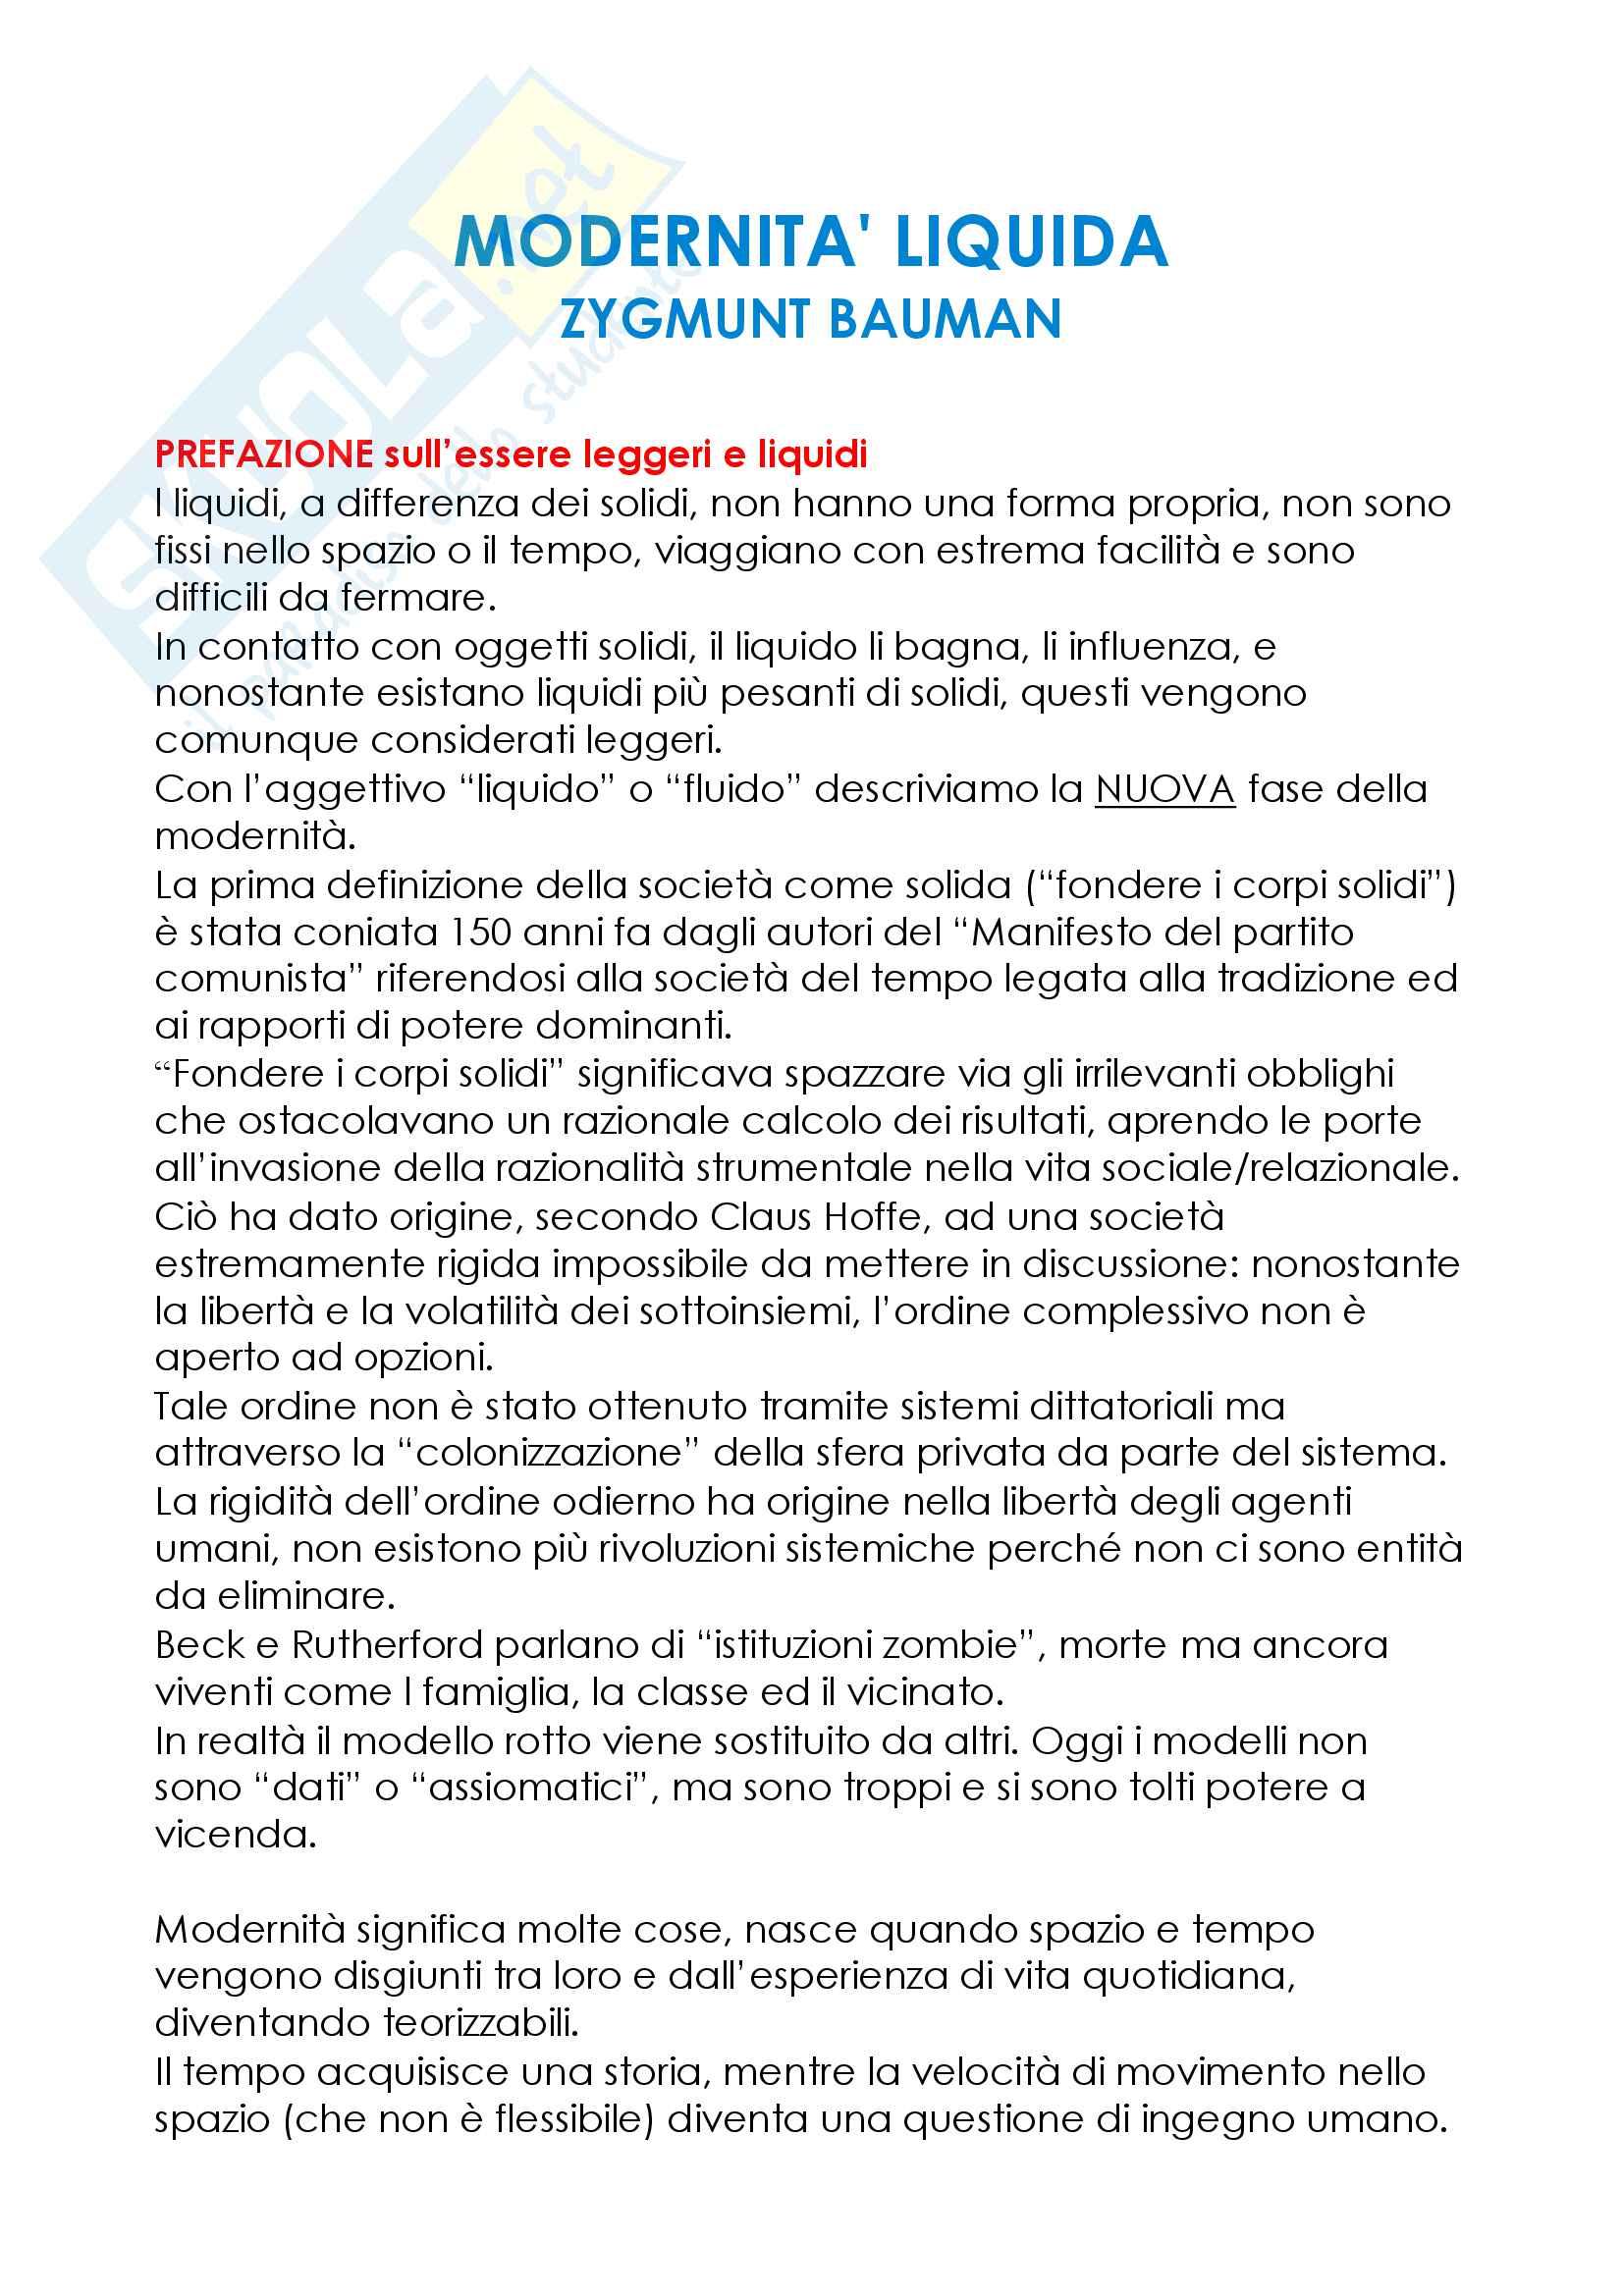 Riassunto esame Sociologia della cultura, prof. De Biasi, libro consigliato Modernità Liquida, Zygmunt Bauman